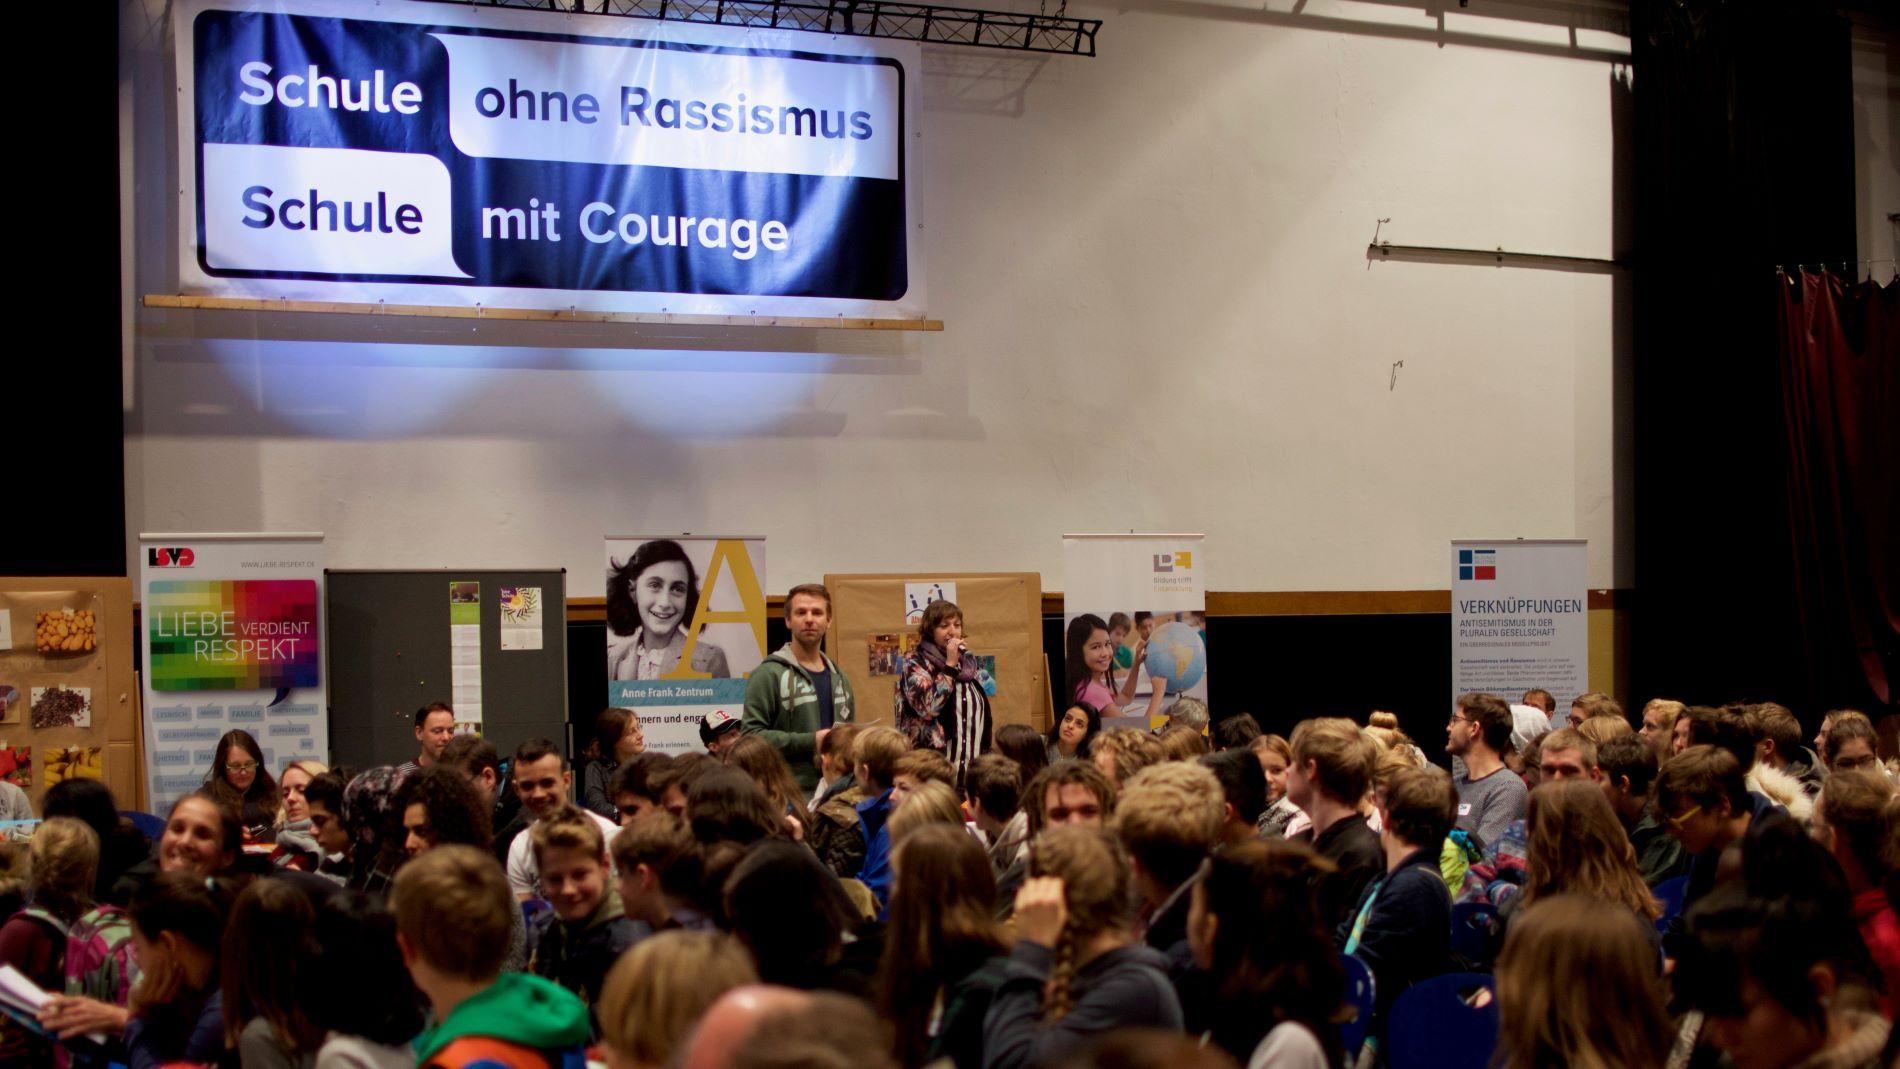 Ein voller Saal beim Landestreffen. An der Wand hängt ein Banner mit dem Logo des Courage-Netzwerks